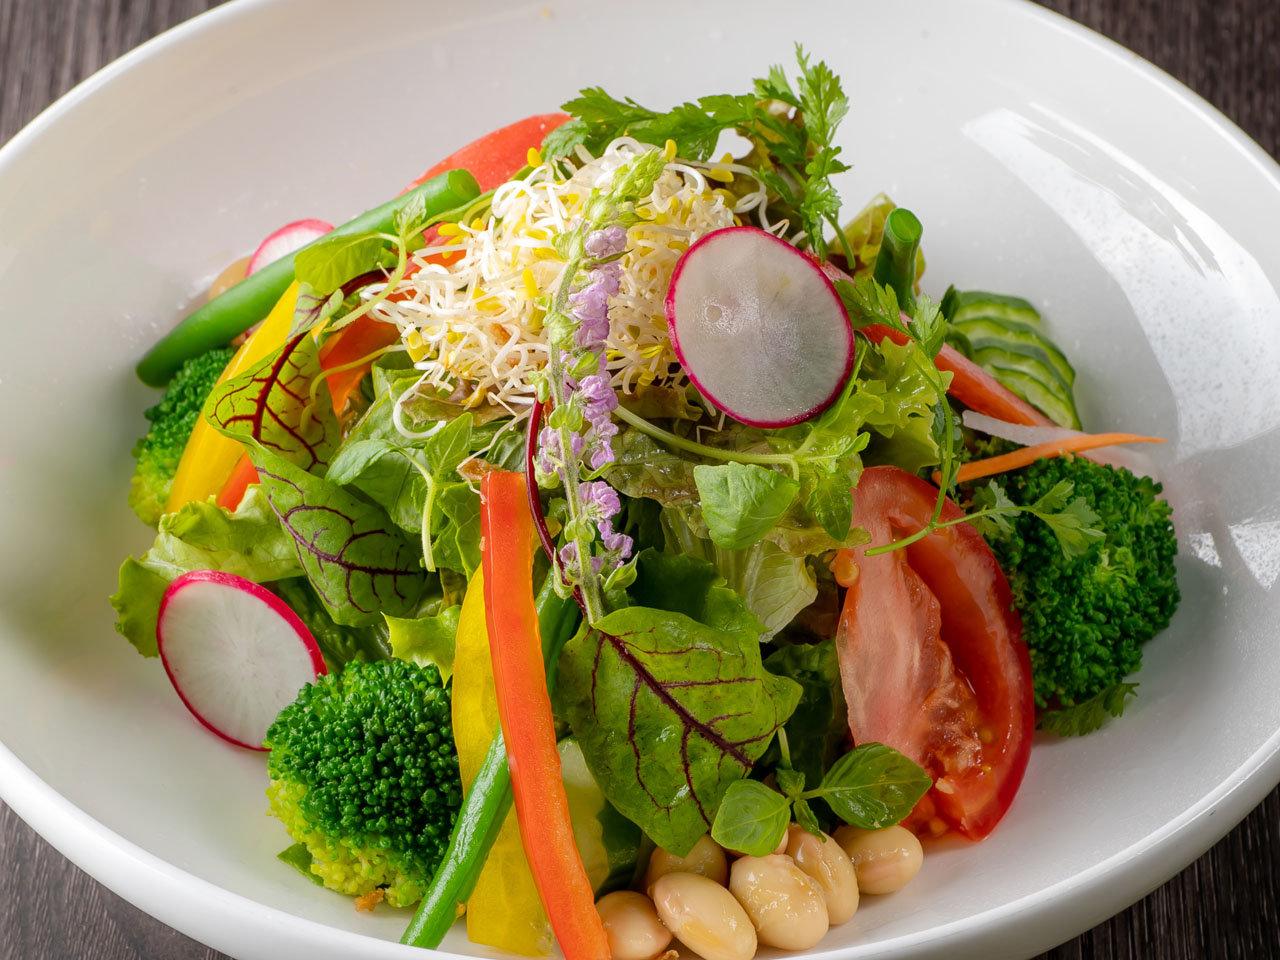 採れたて新鮮野菜とアルファルファのベジタブルサラダサムネイル